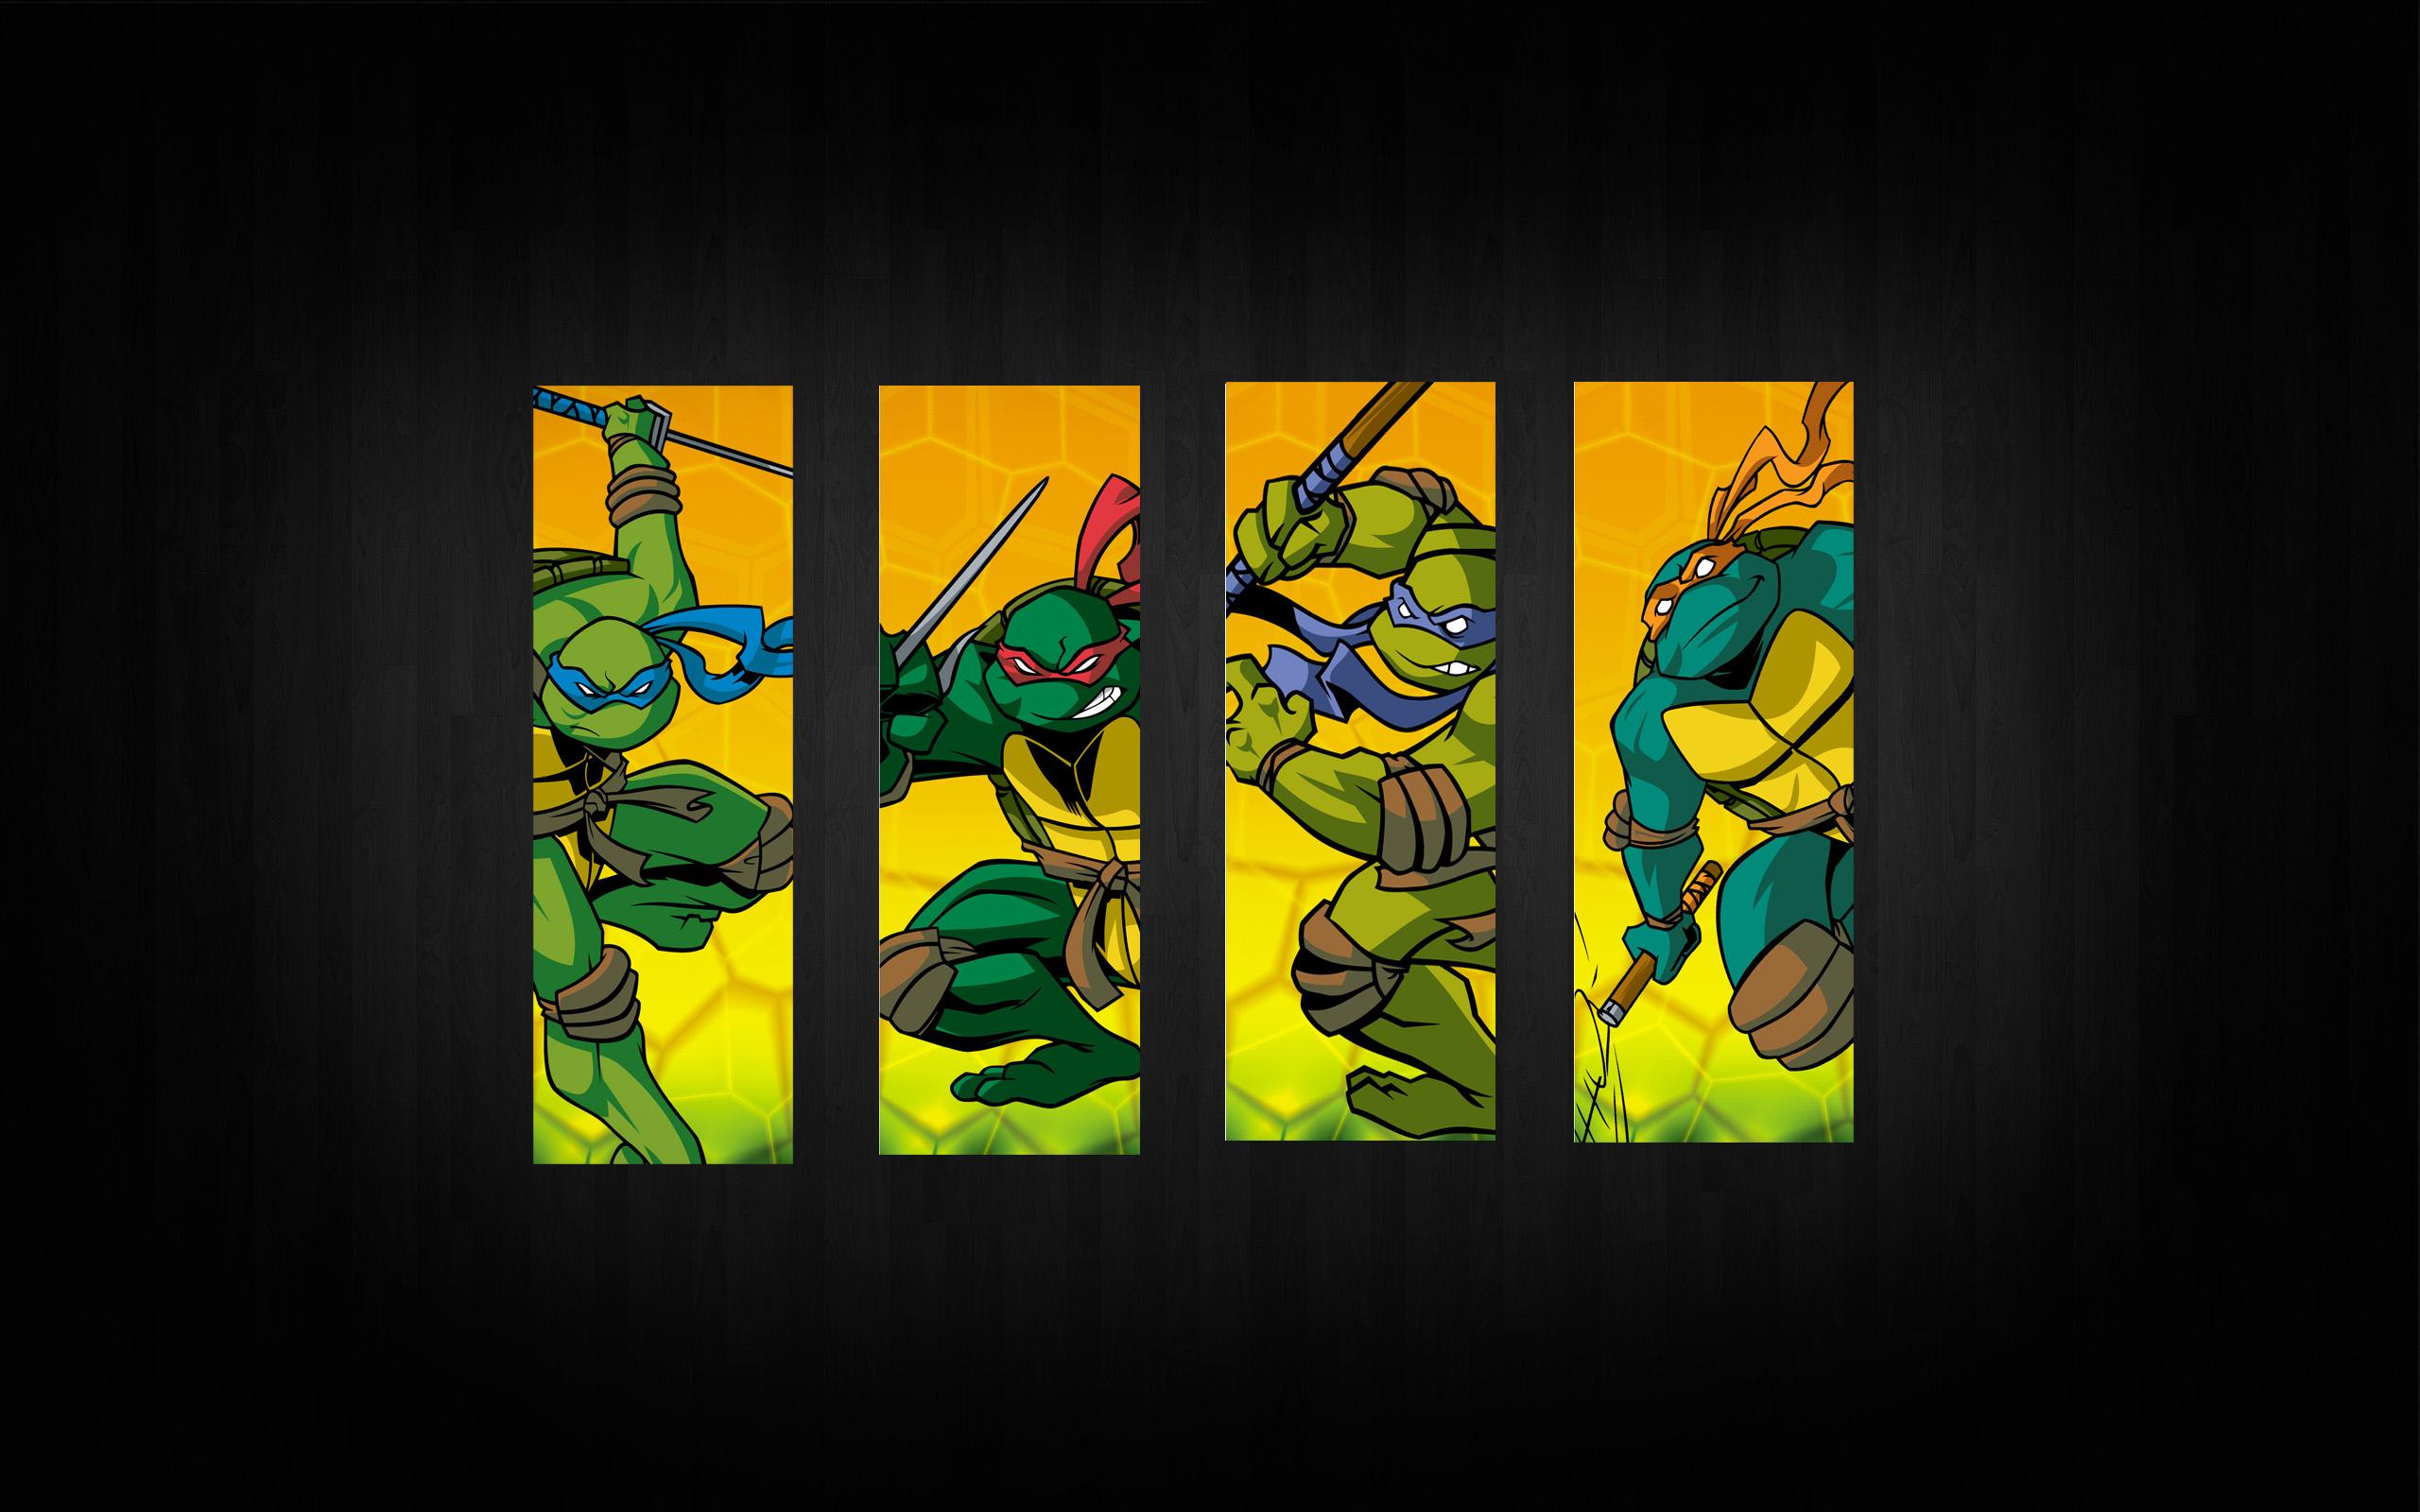 TMNT Wallpaper